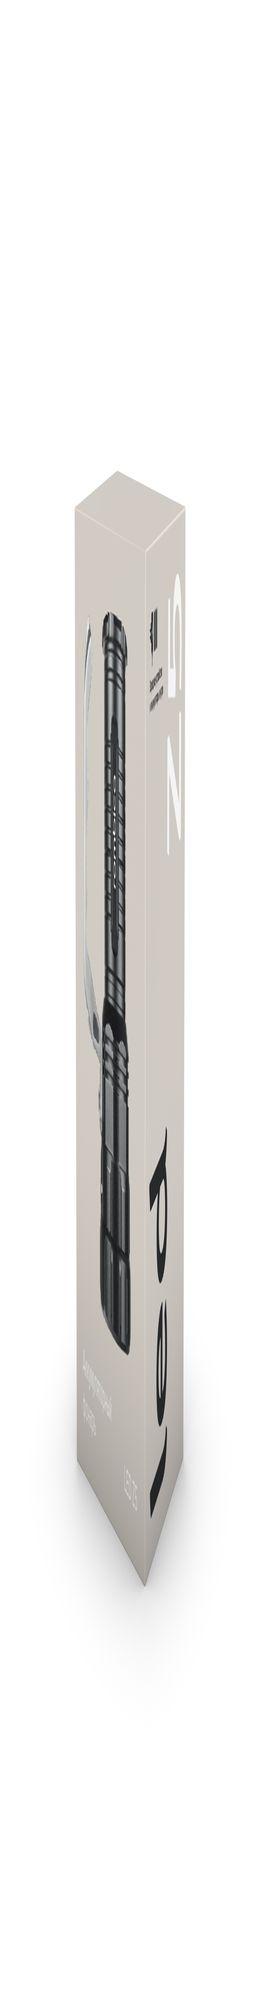 Светодиодный фонарь Rombica LED Z5 фото